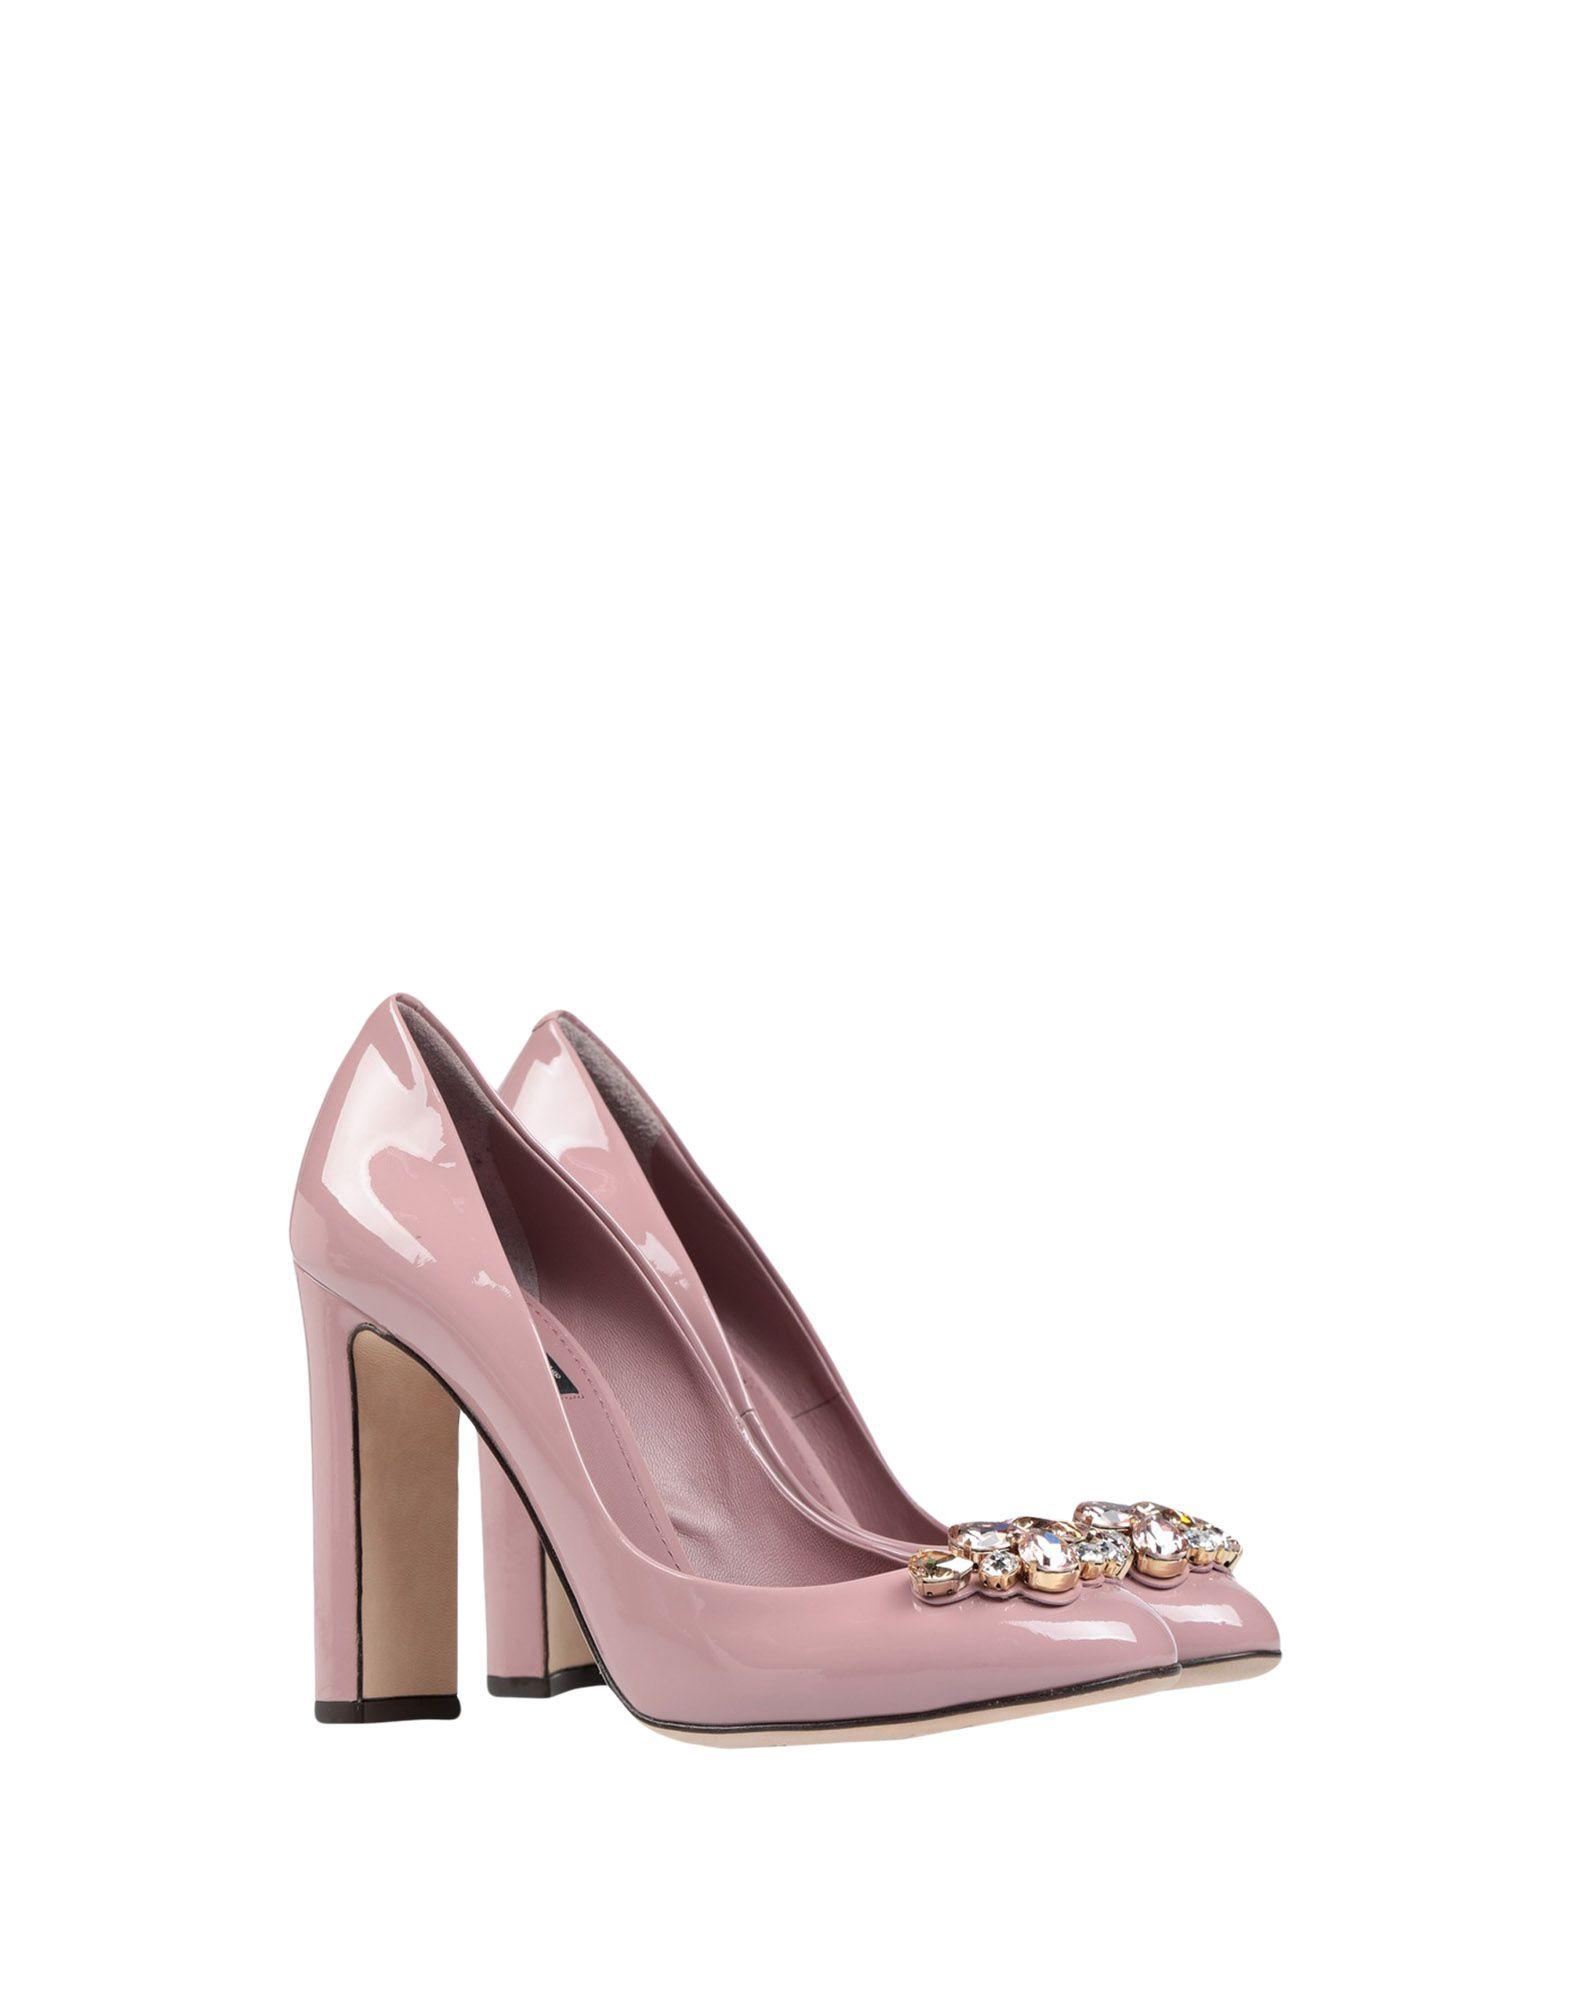 Dolce & Gabbana Pumps Damen Schuhe  11246031BUGünstige gut aussehende Schuhe Damen be8899